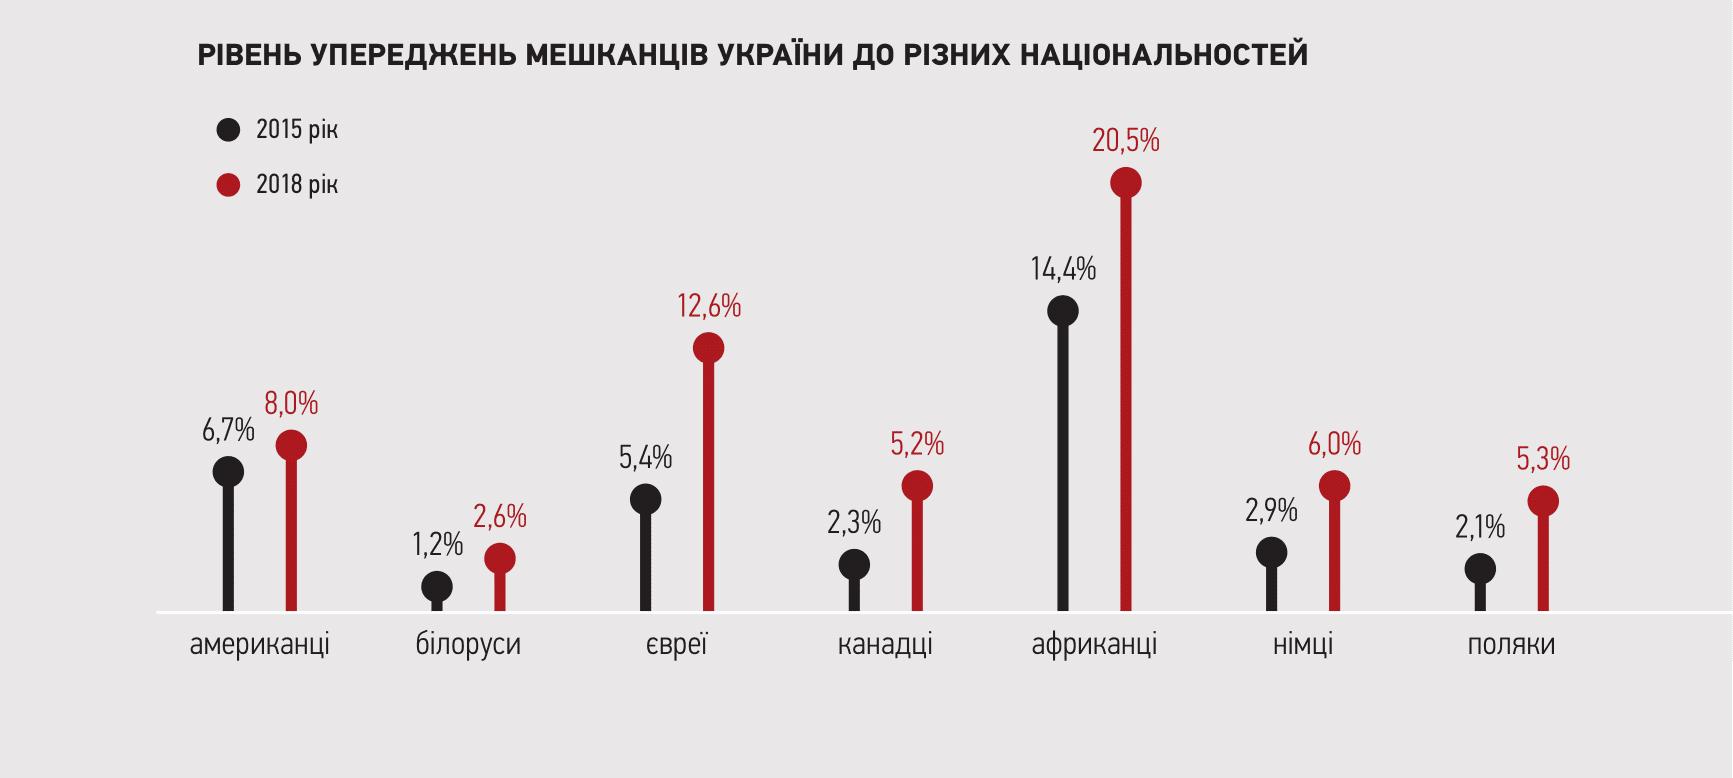 natsmensh - Чужі серед своїх. Кого дискримінують в українських клубах і як із цим боротися - Заборона